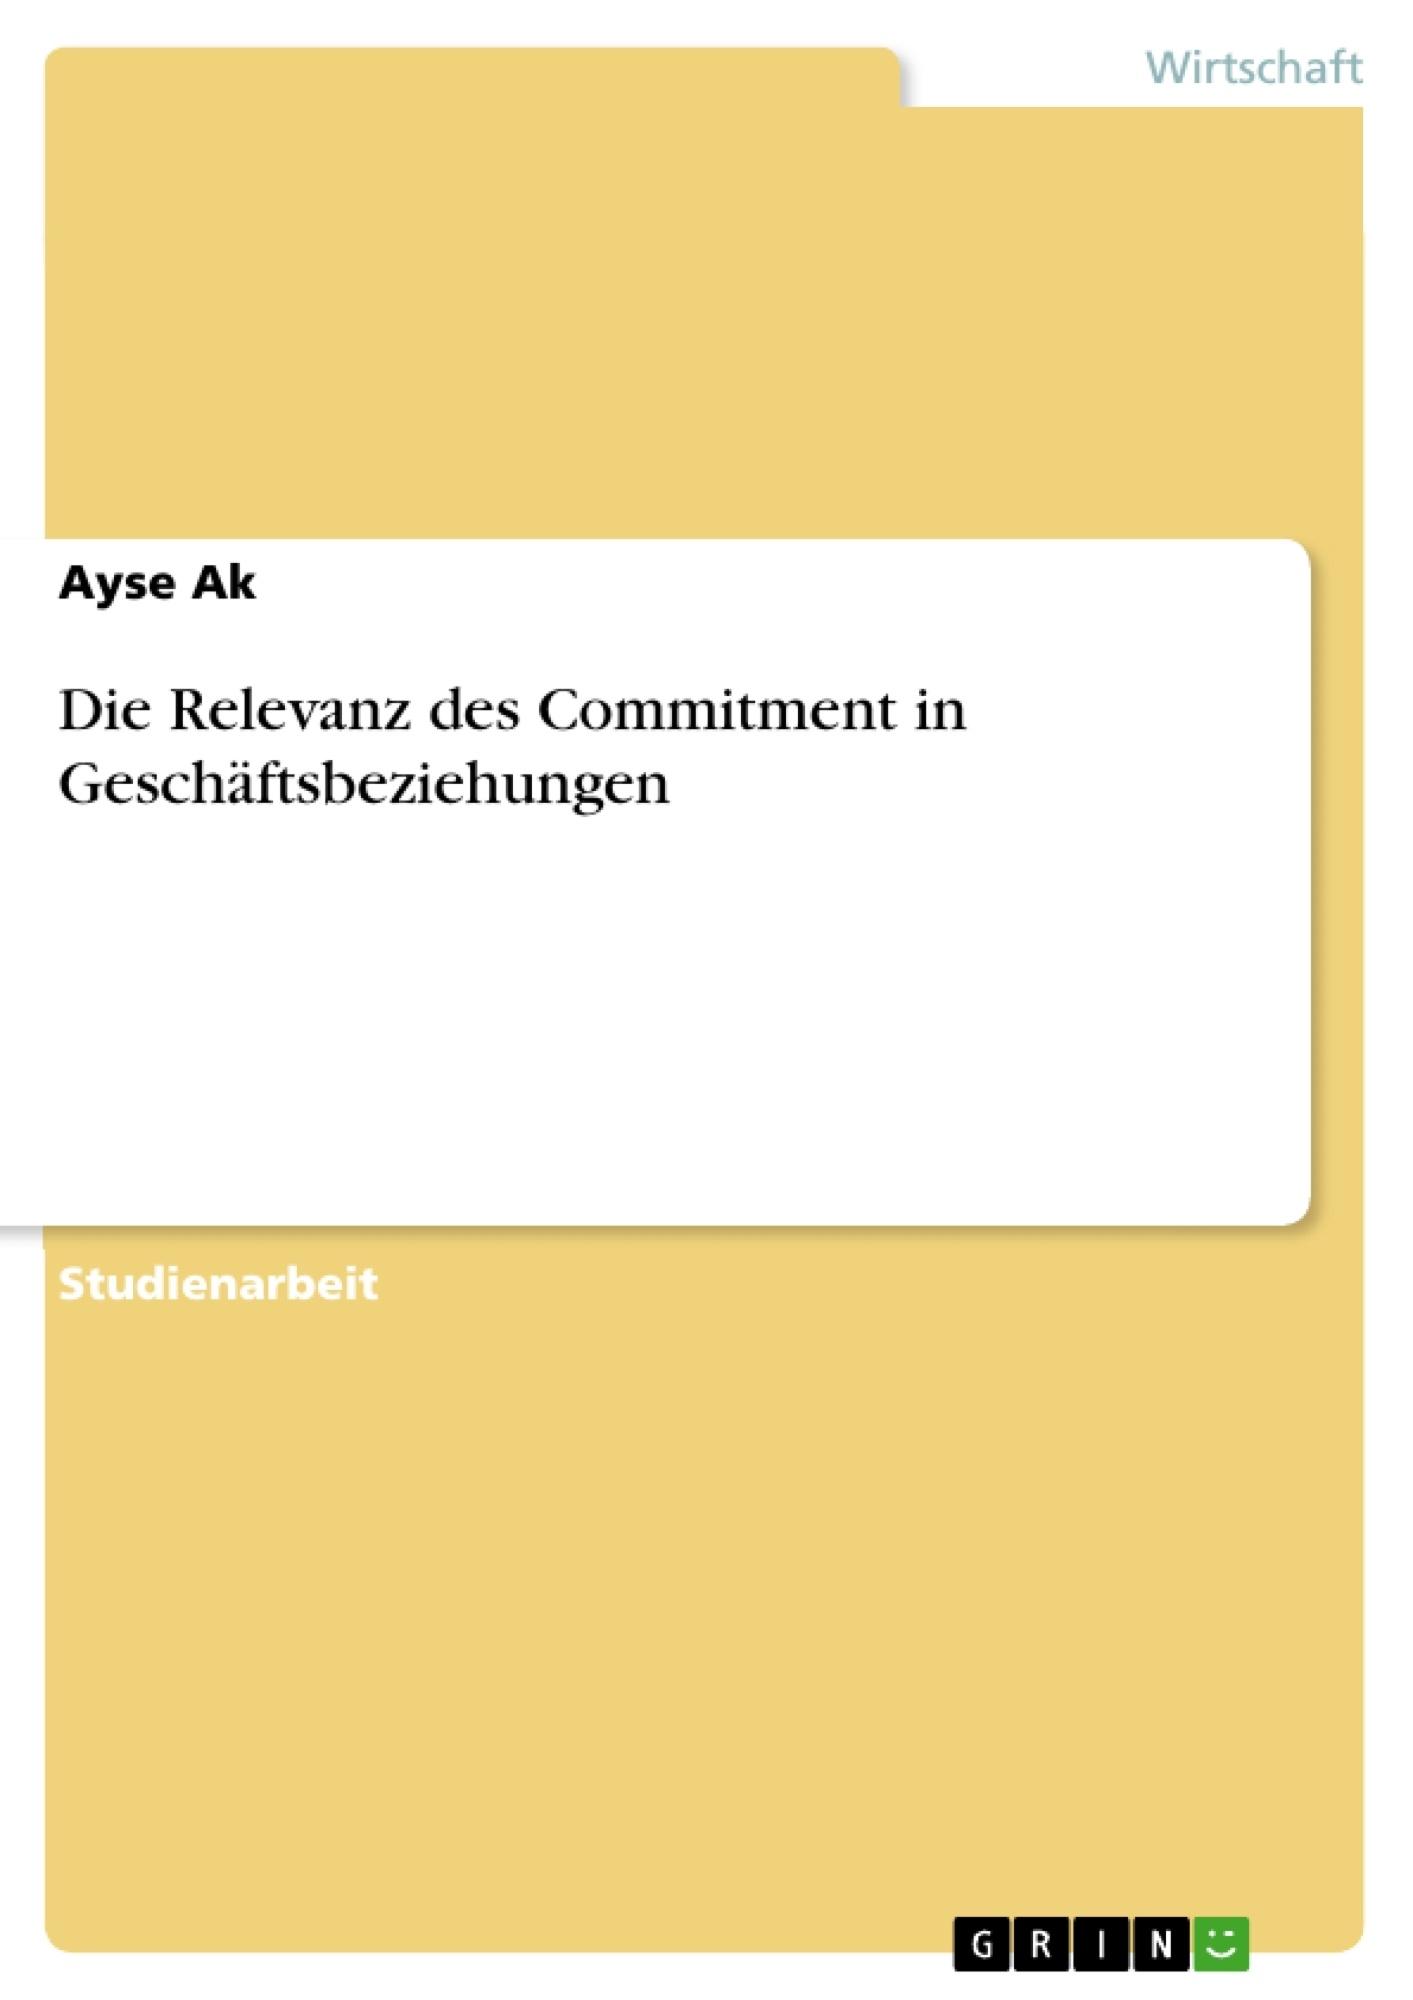 Titel: Die Relevanz des Commitment in Geschäftsbeziehungen